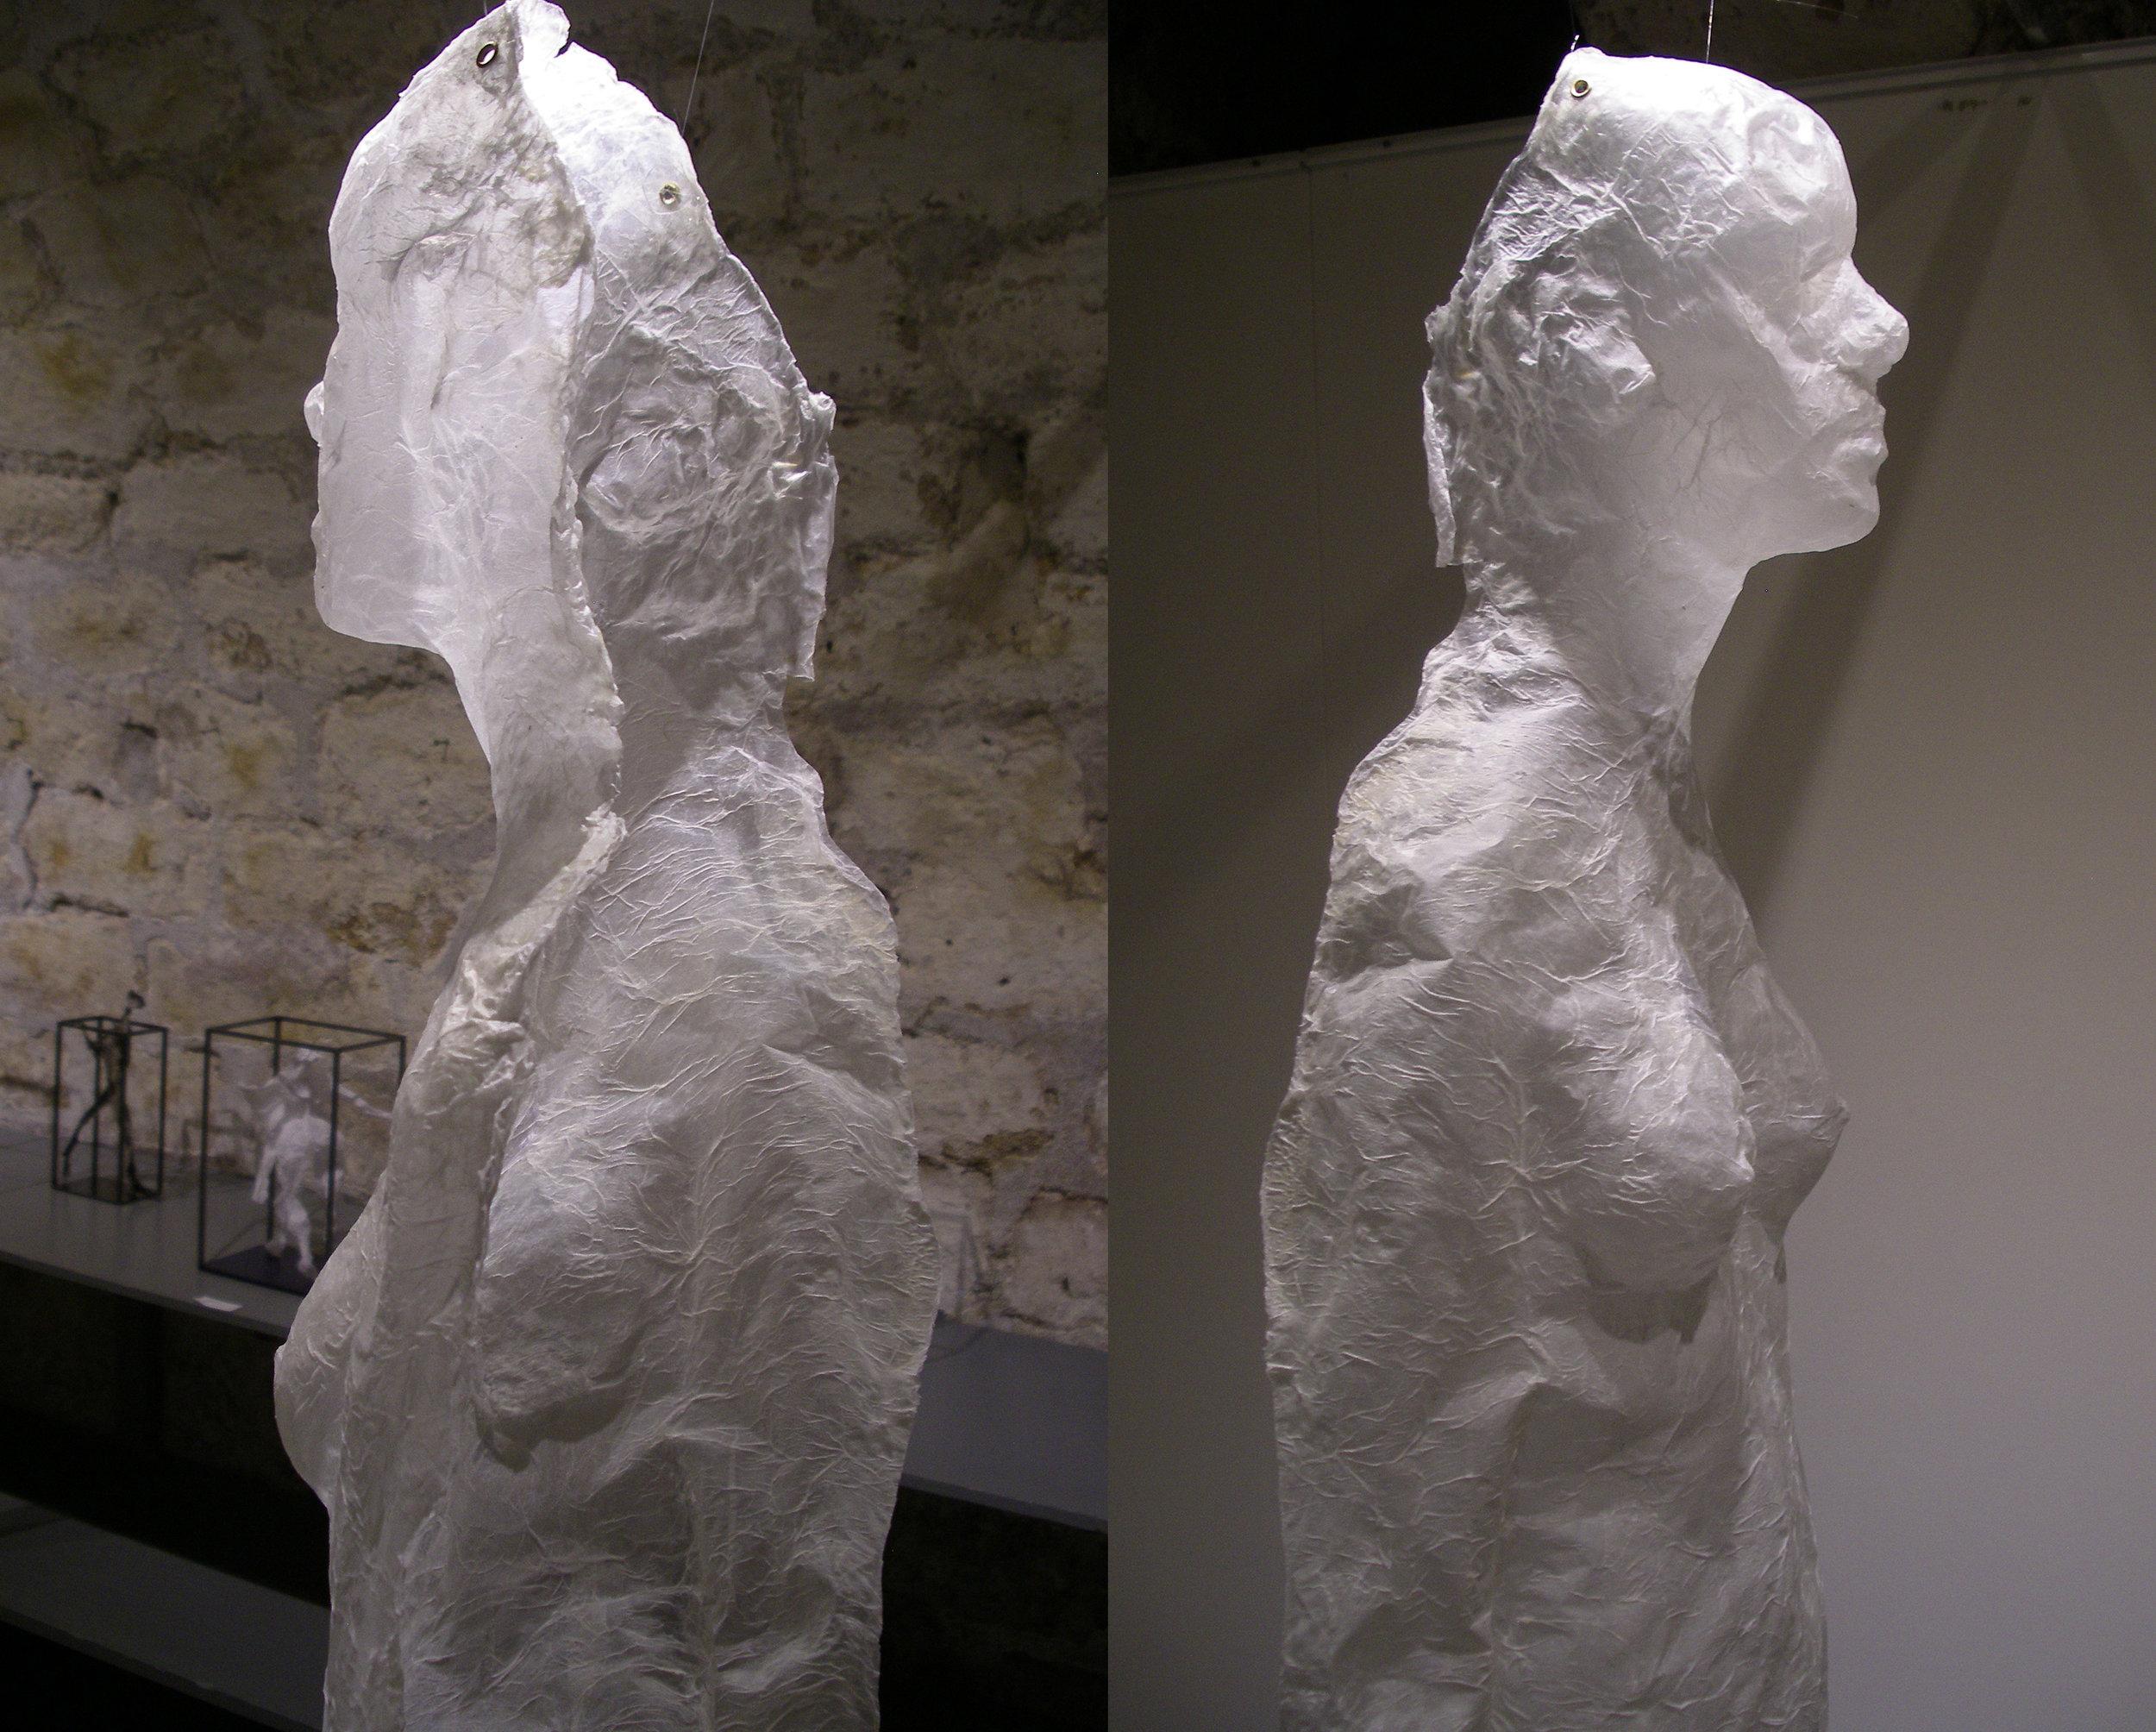 Mue d'Aphrodite dos et profil.jpg